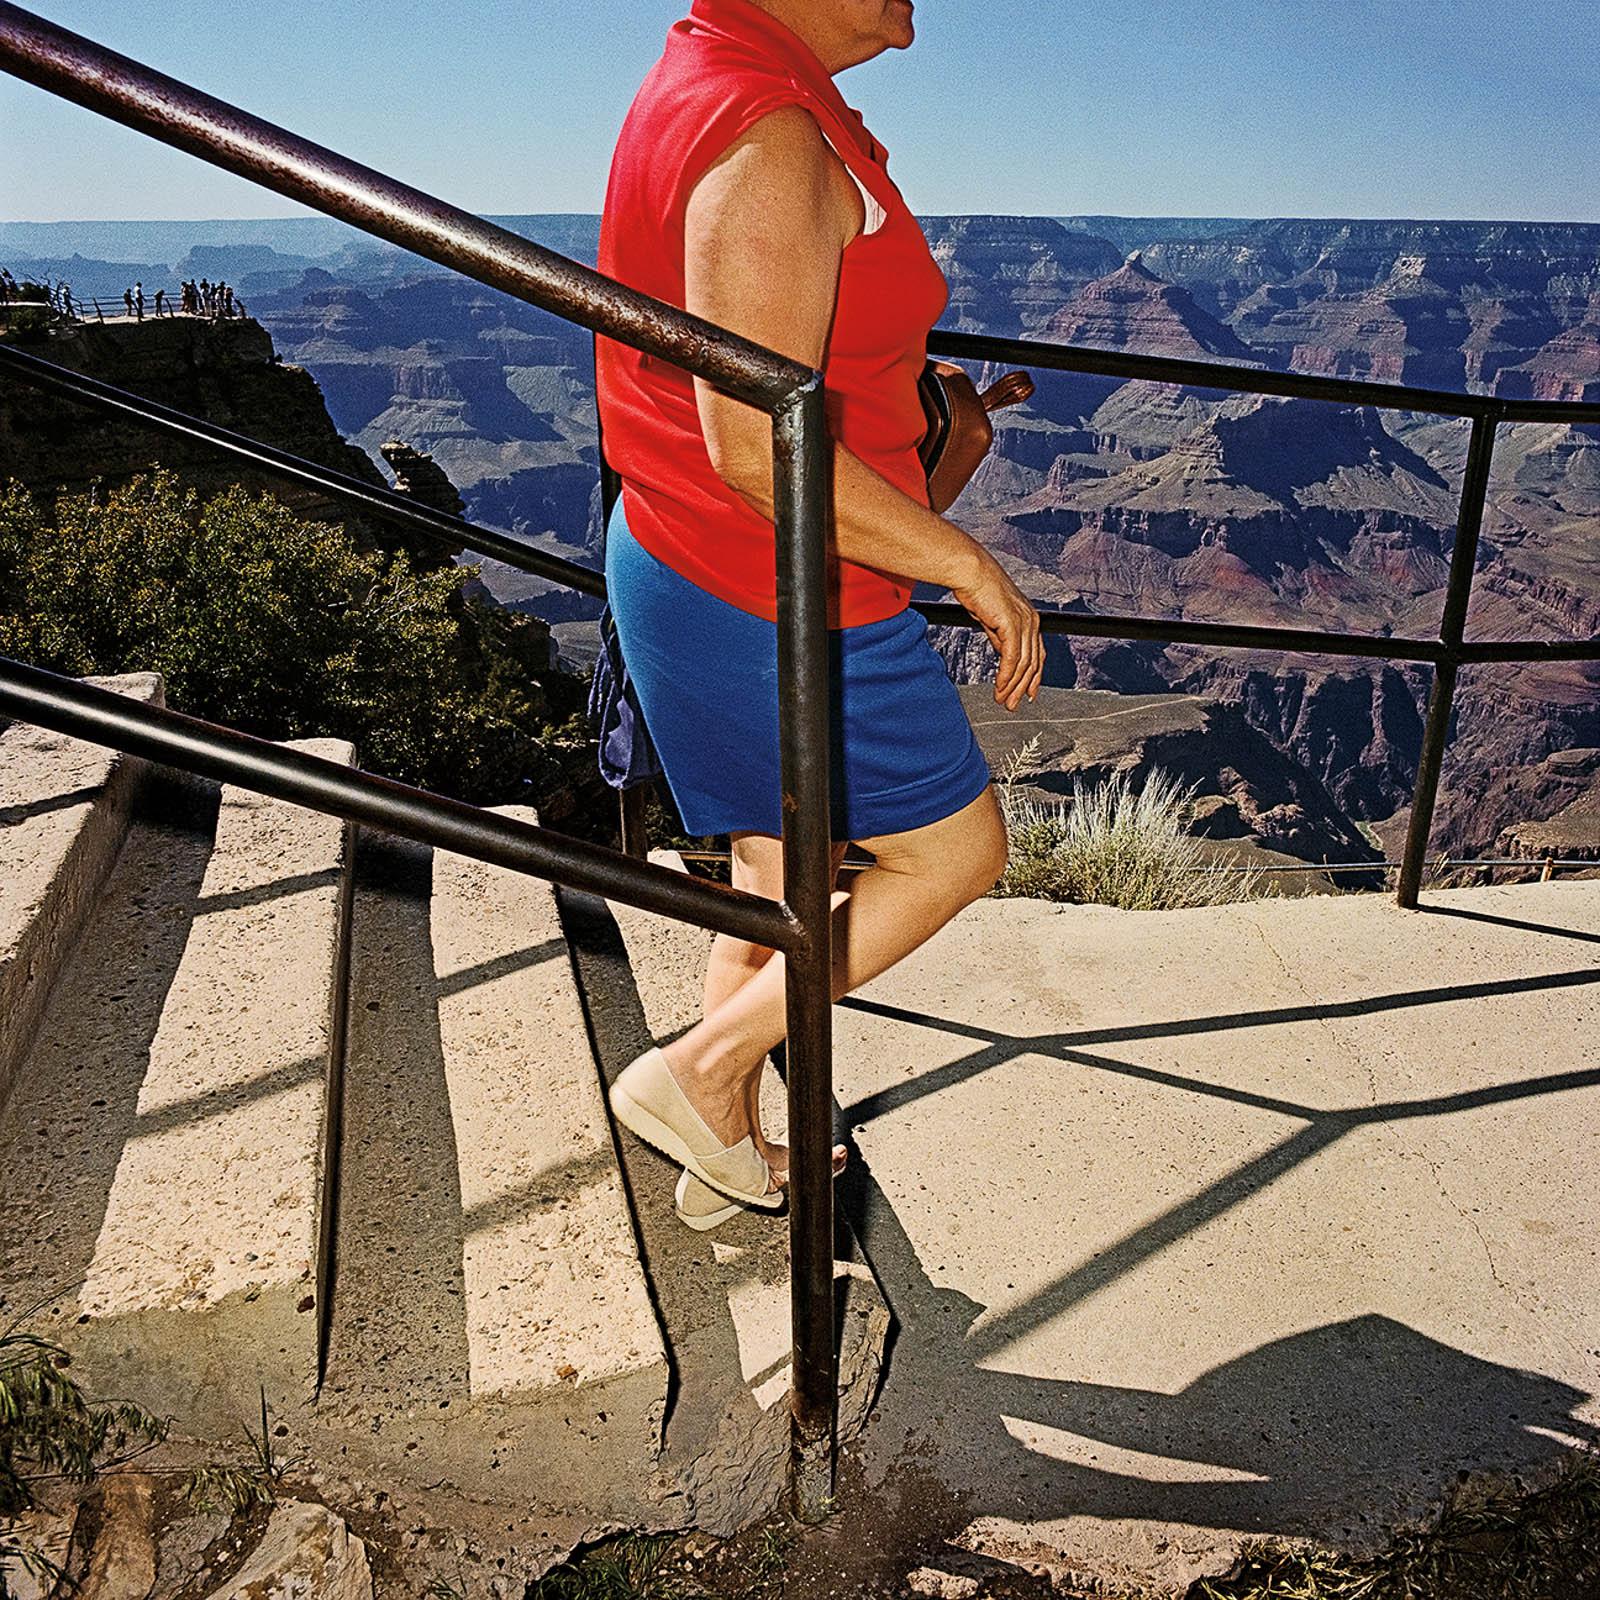 Woman Arriving at South Rim, Grand Canyon National Park, Arizona 1980